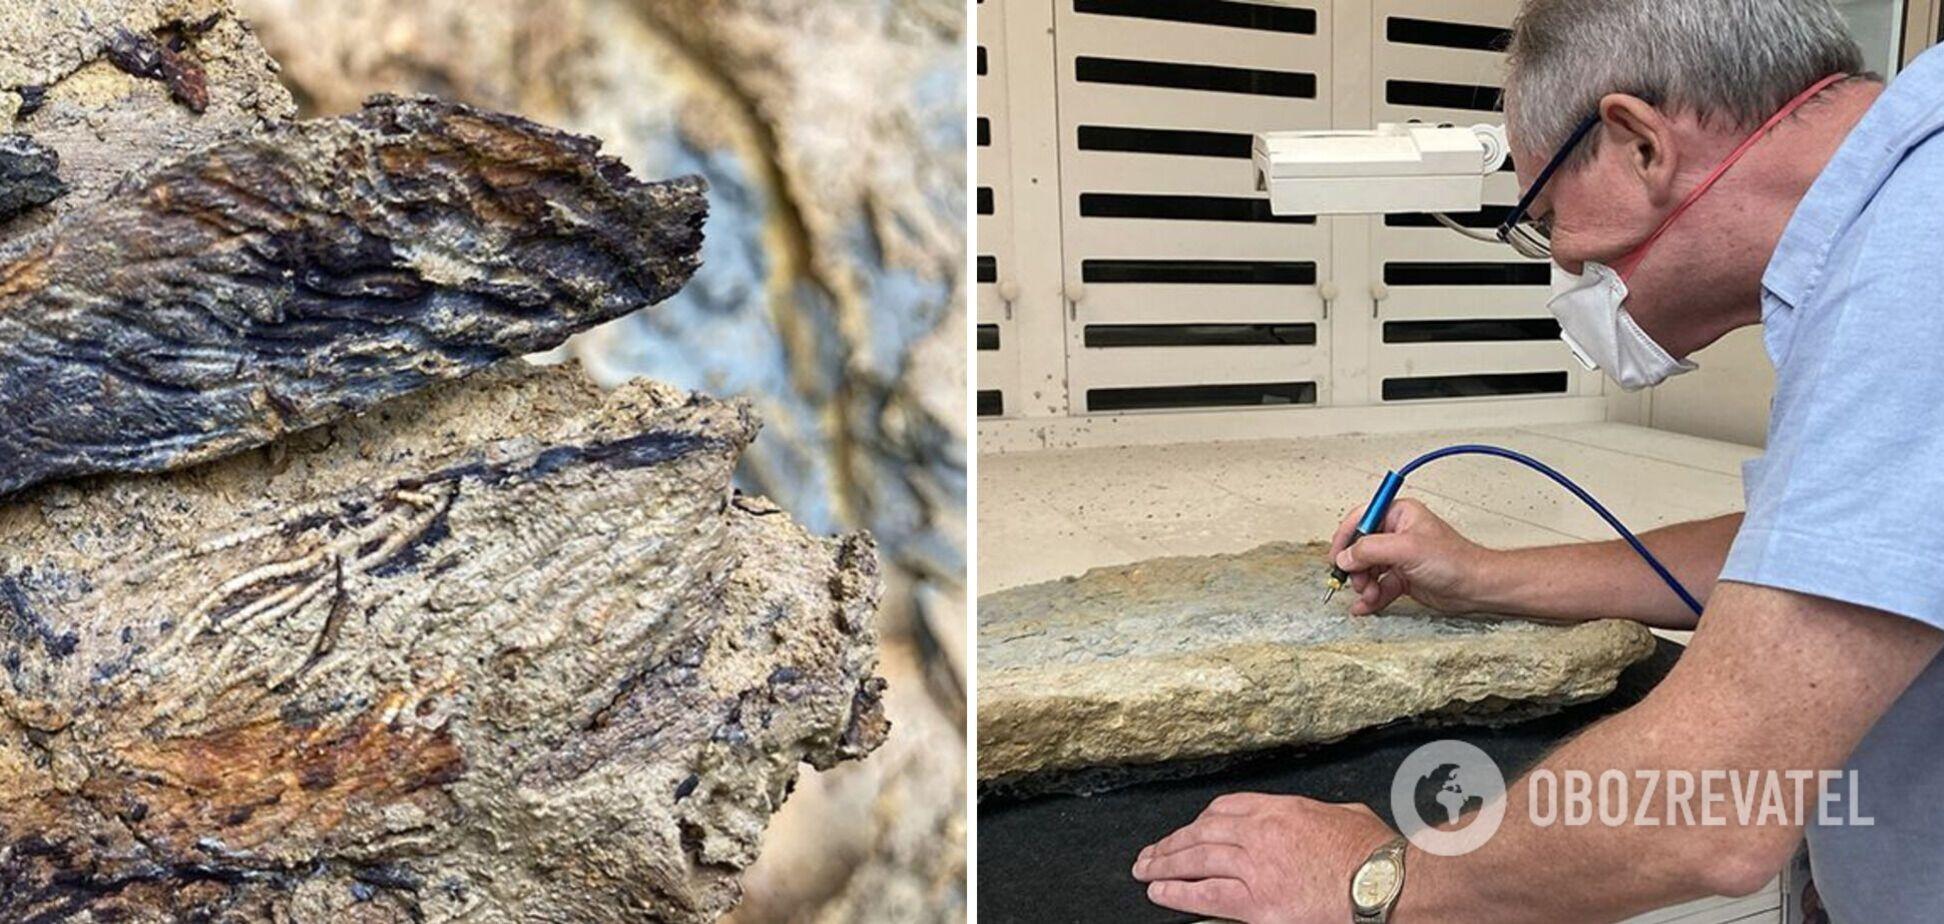 Археологи знайшли скам'янілості істот, що жили 167 млн років тому. Фото